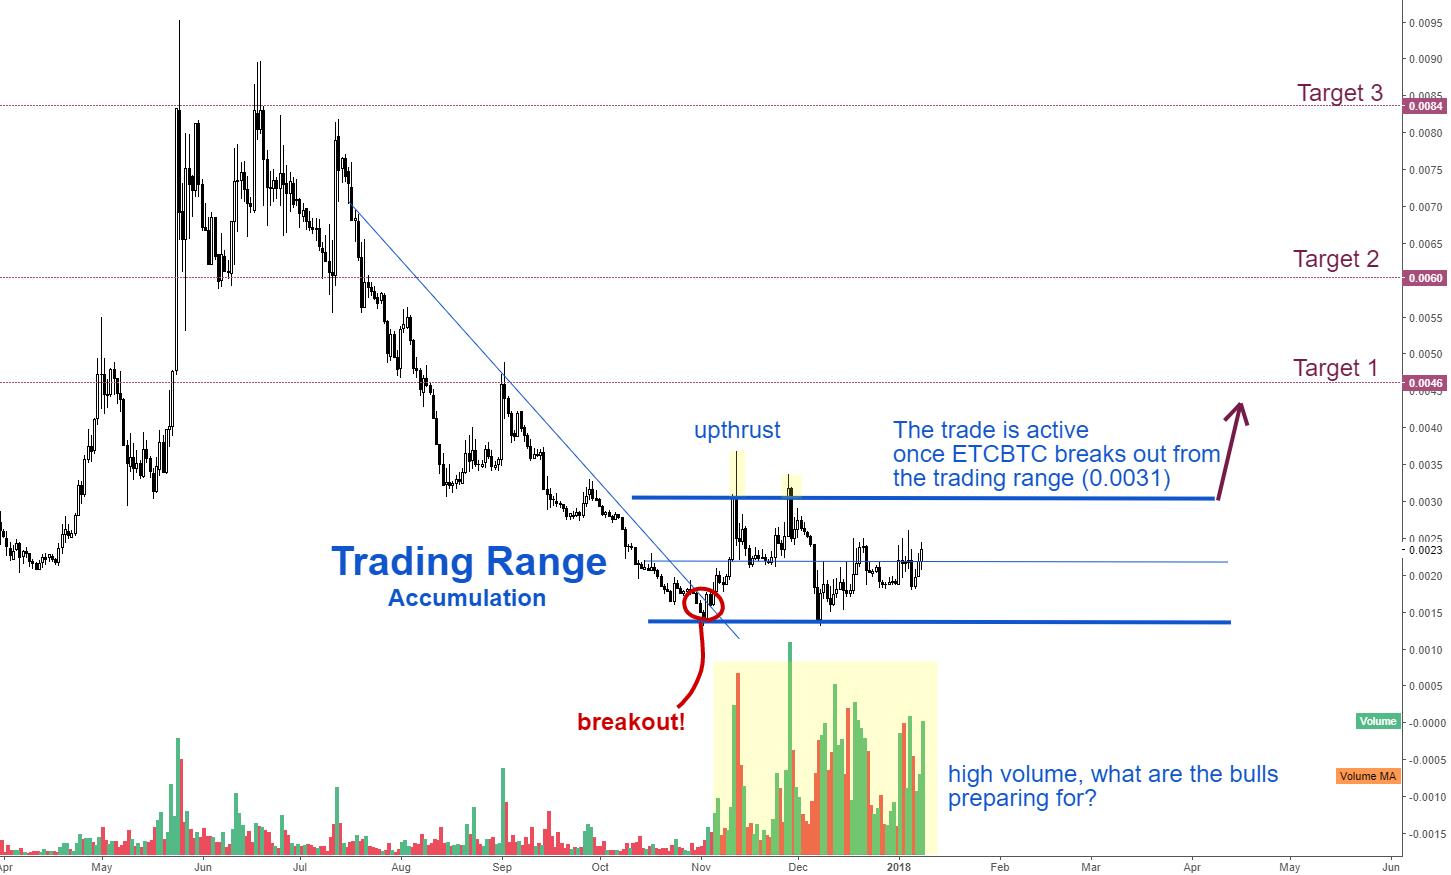 ETCBTC - Strong BULLISH move ahead!